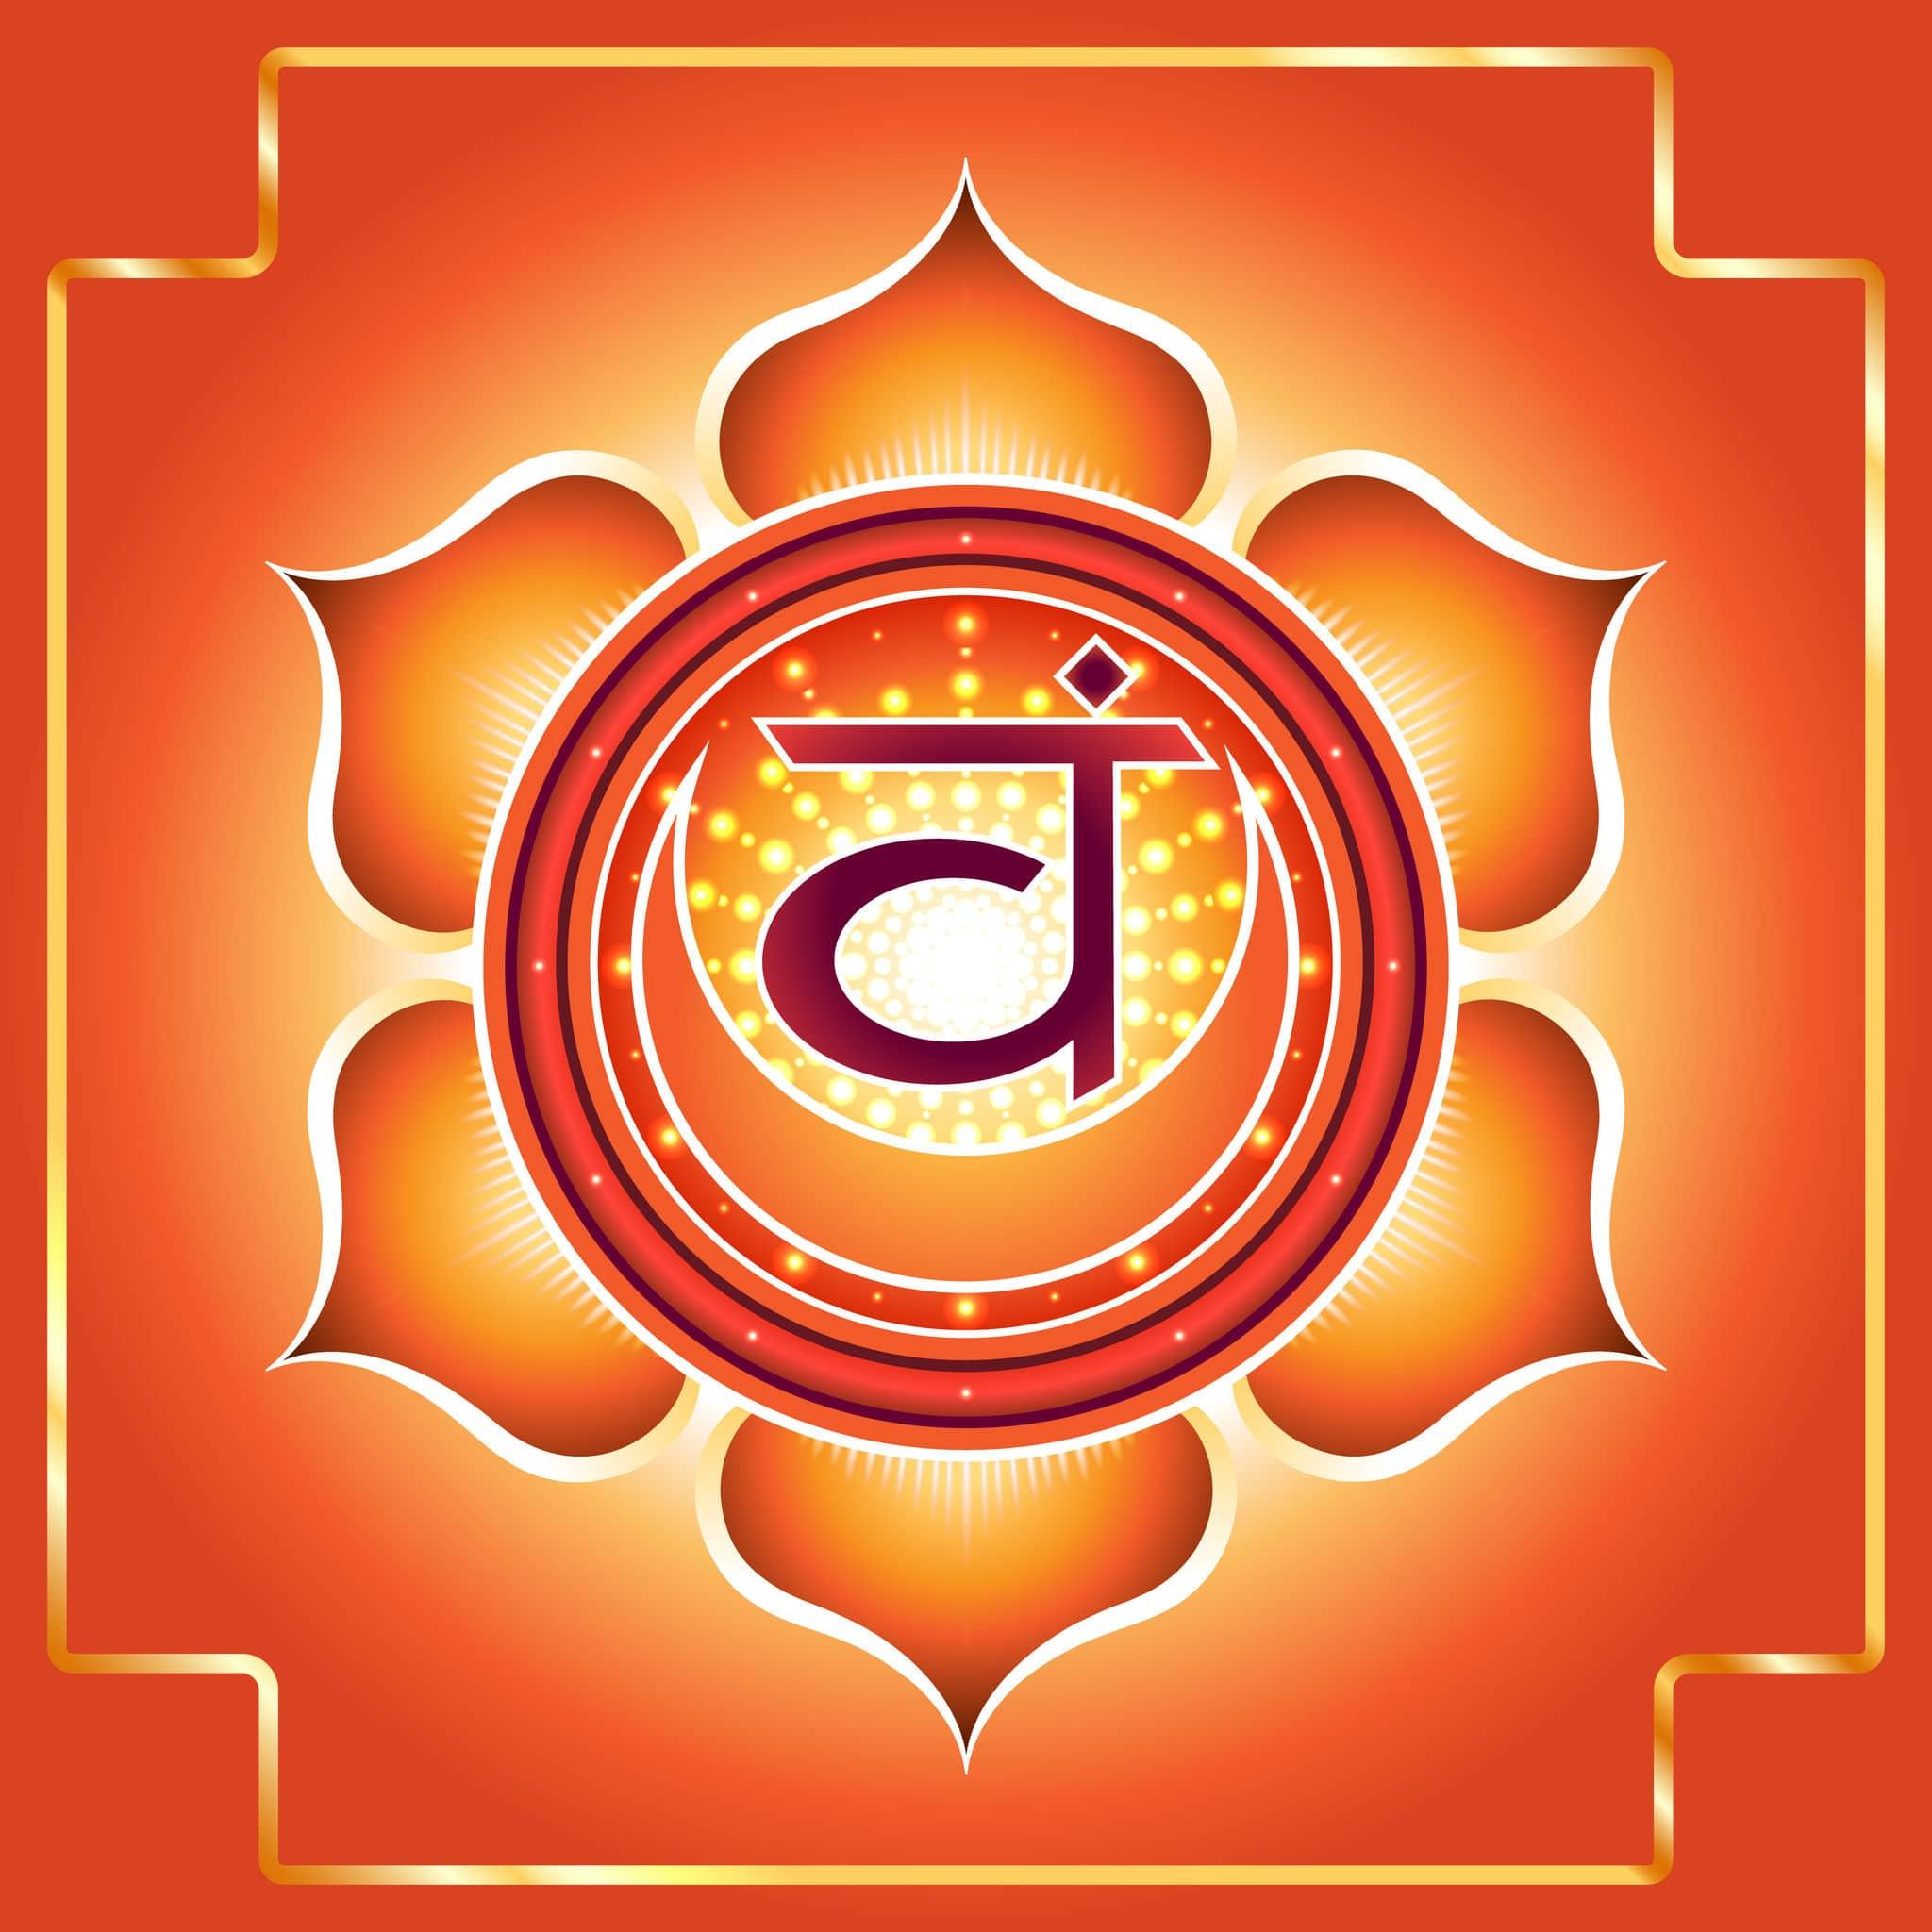 Desenho do símbolo do Chakra Sacral/Umbilical